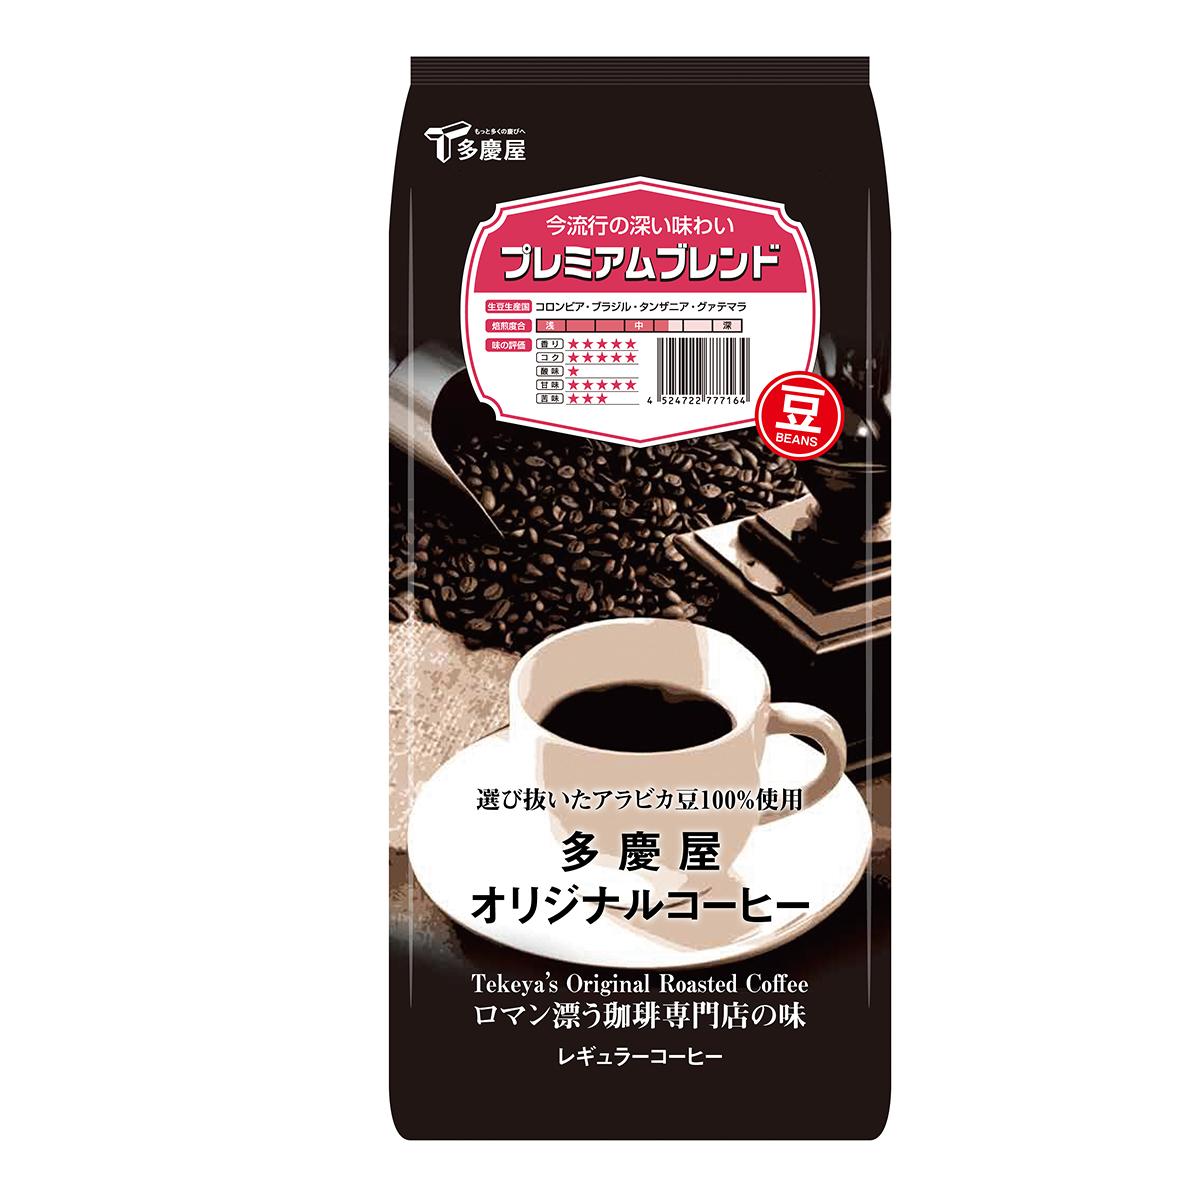 【TAKEYAスマイル便 対象品】プレミアムブレンド豆400g多慶屋オリジナルコーヒーコーヒー豆レギュラーコーヒー